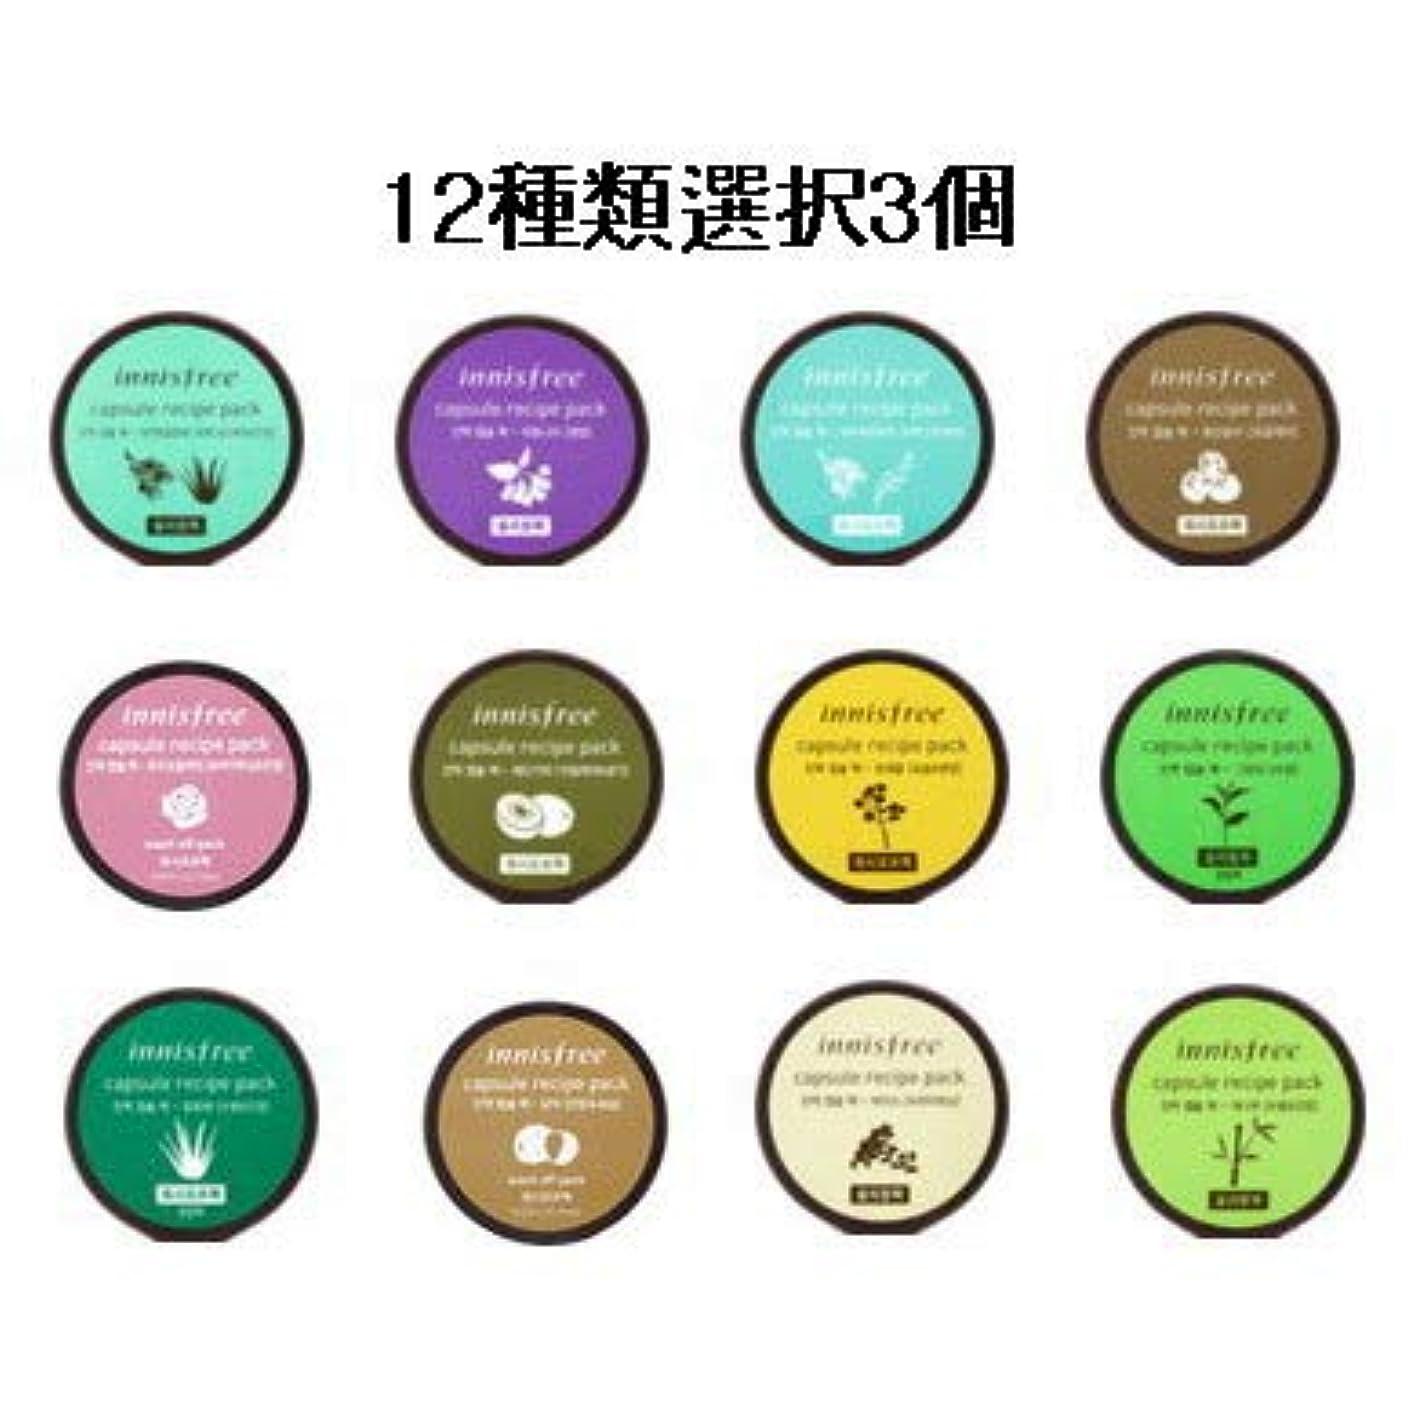 できたプレートレイア【innisfree(イニスフリー)】津液カプセルパック10ml×3個 (12種類選択3個) [並行輸入品]